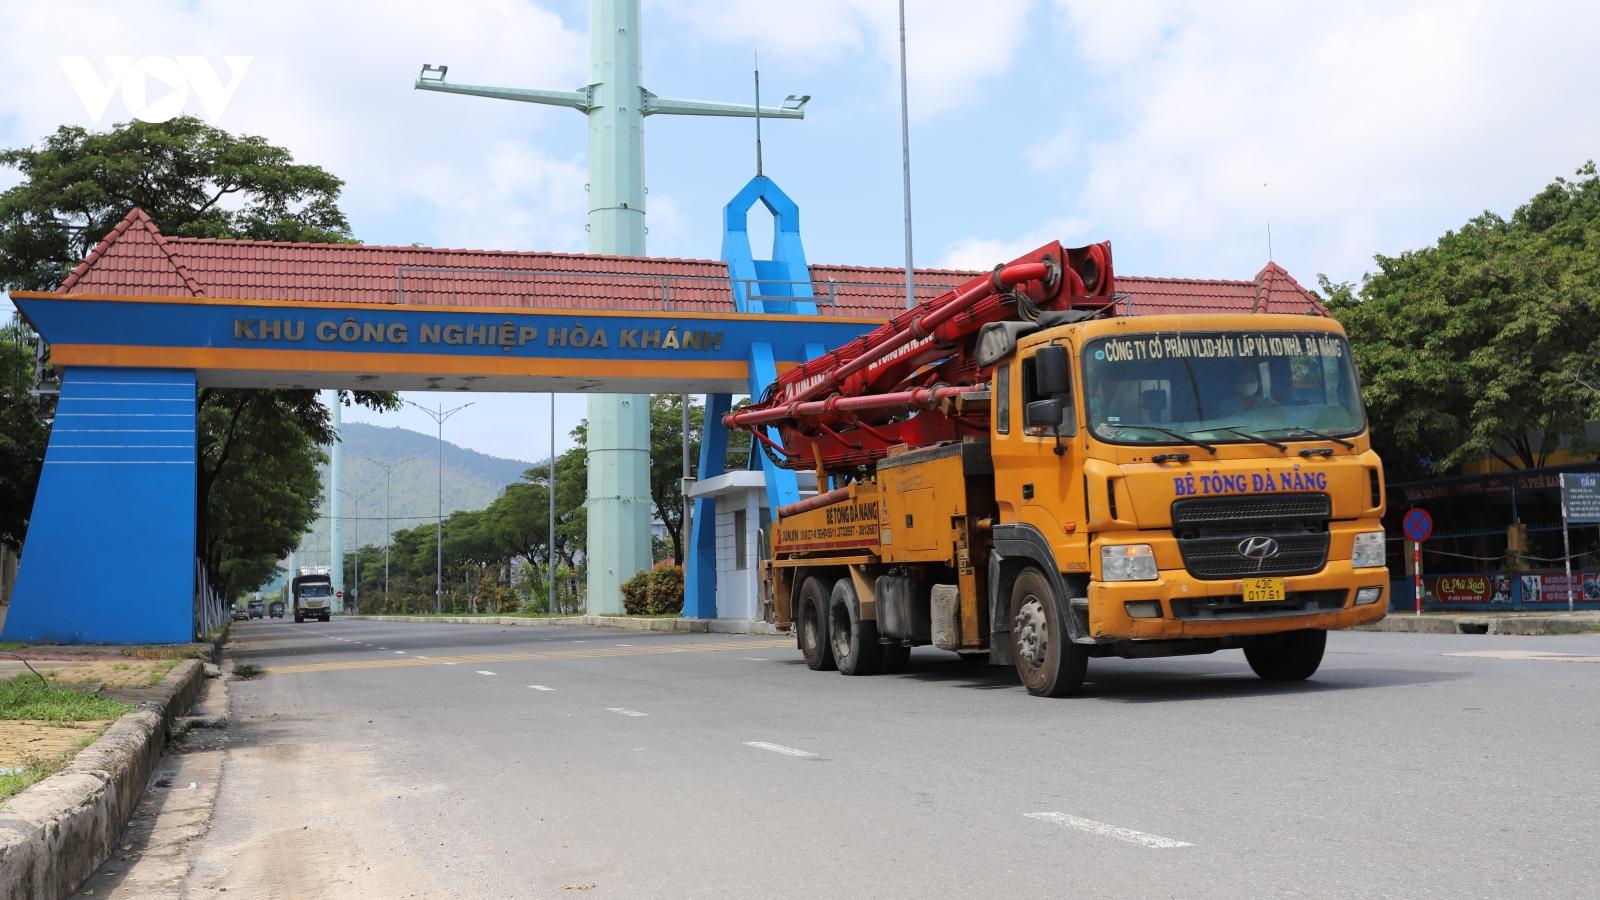 Doanh nghiệp tăng quy mô hoạt động khi Đà Nẵng nới lỏng biện pháp chống dịch